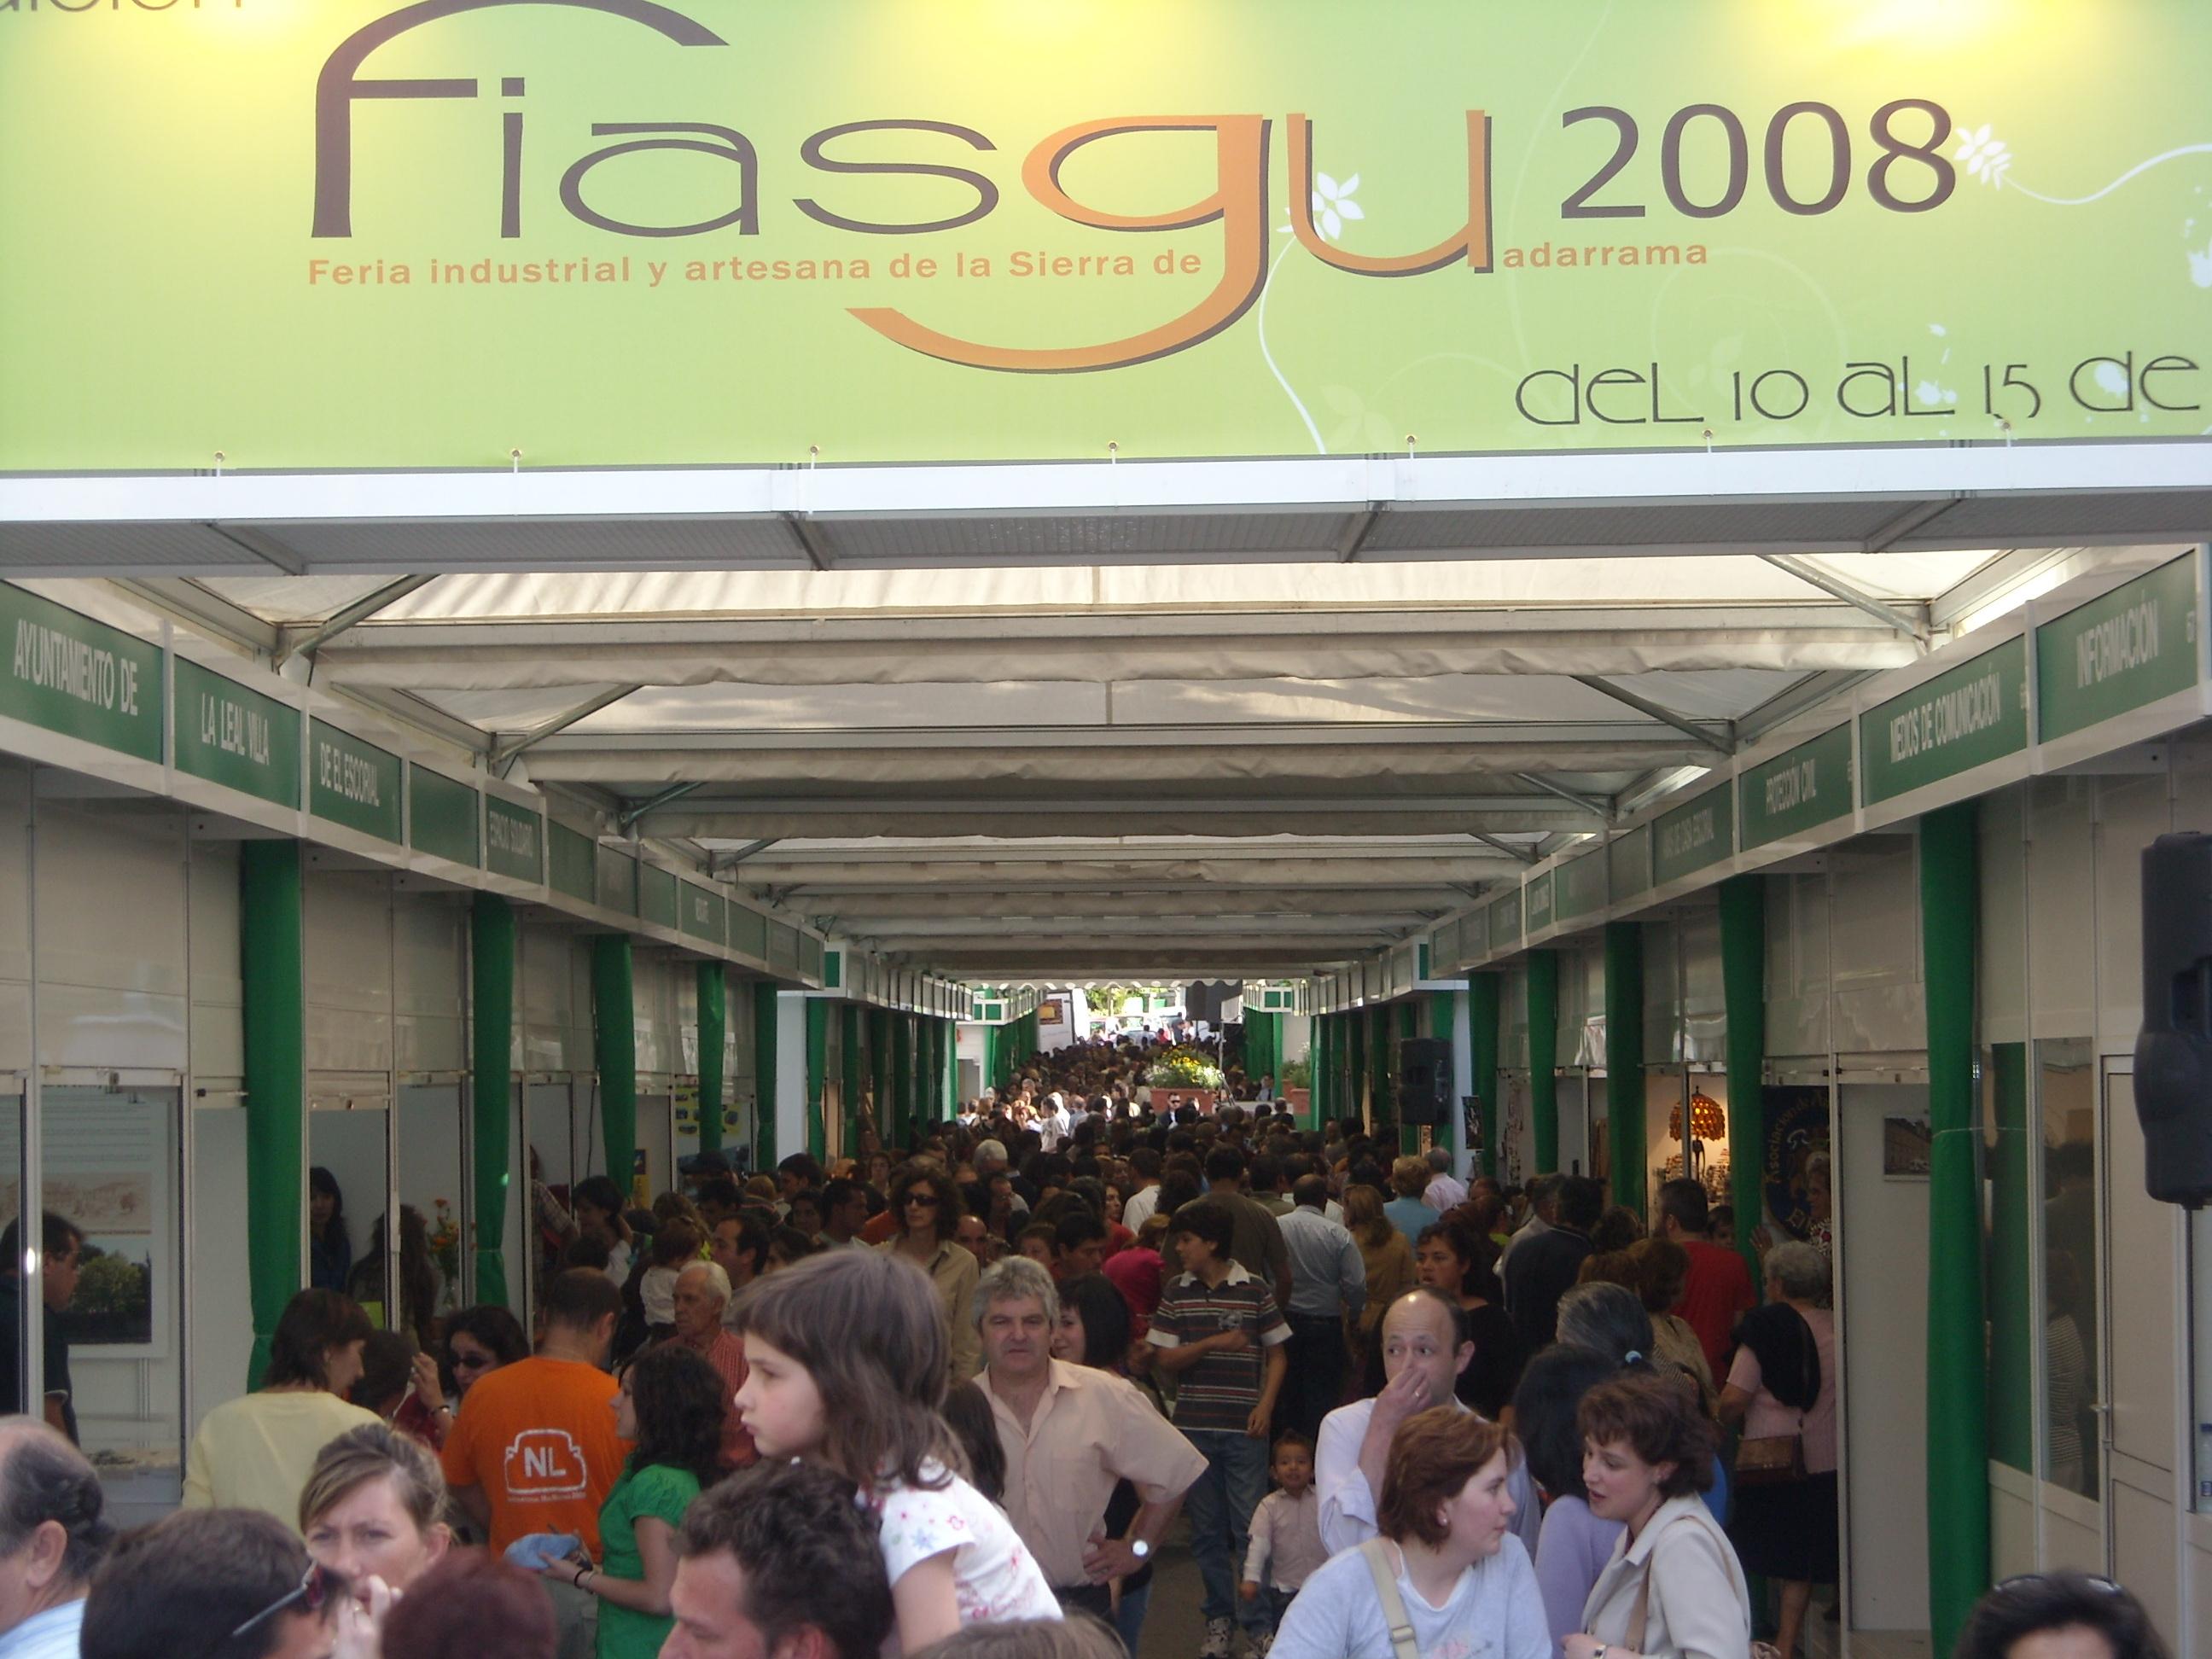 FIASGU Feria